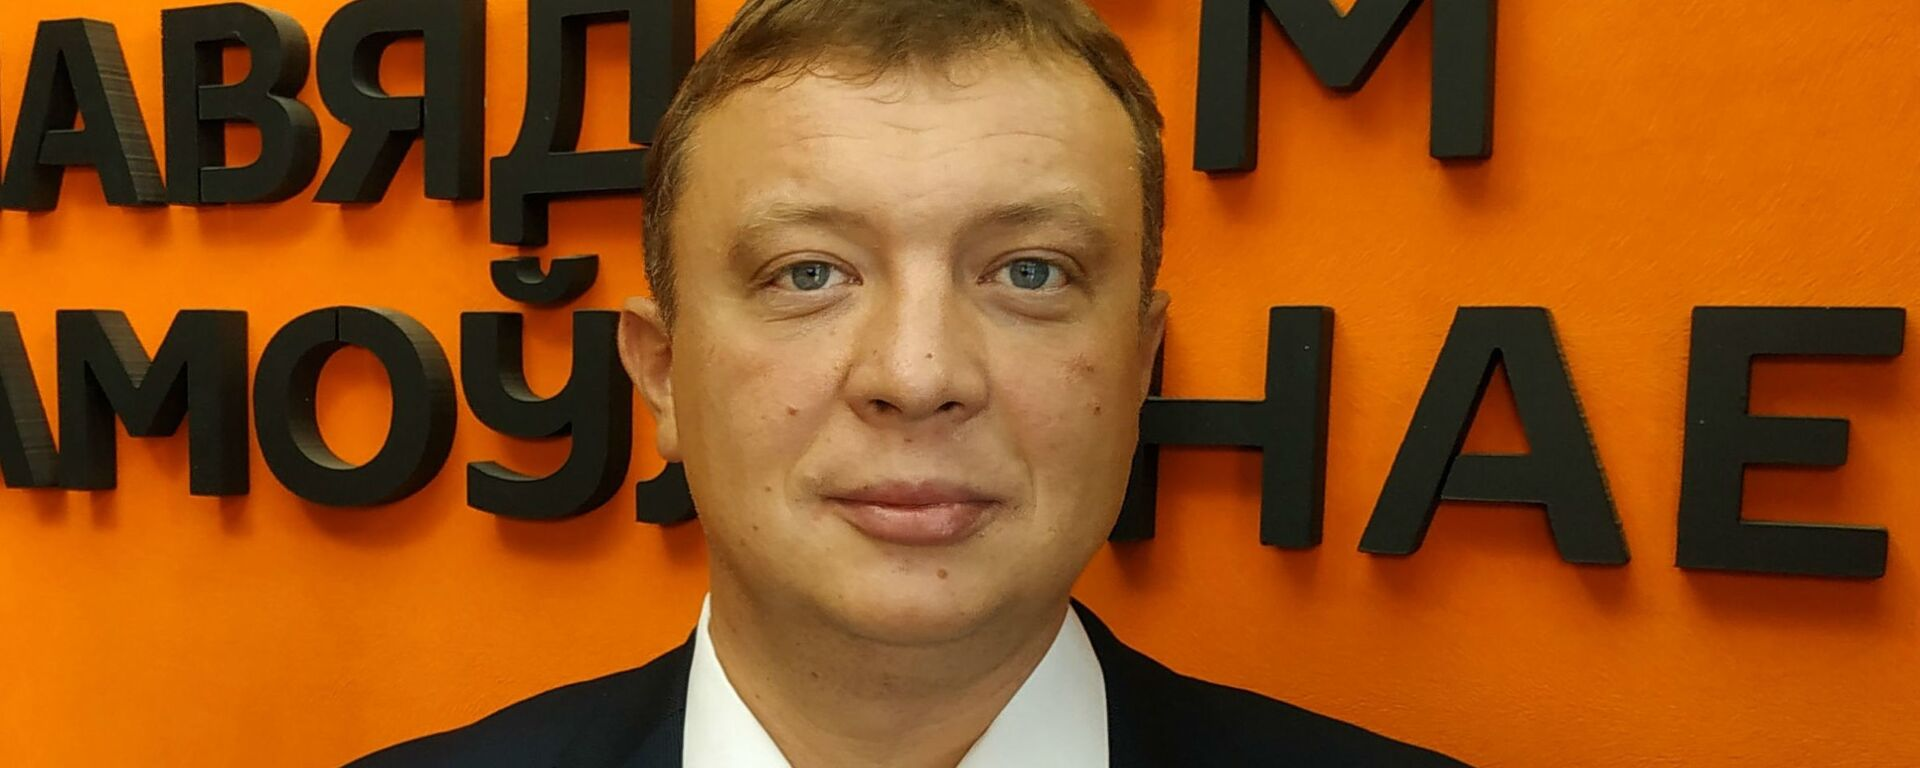 Политолог Семен Уралов - Sputnik Беларусь, 1920, 24.03.2021